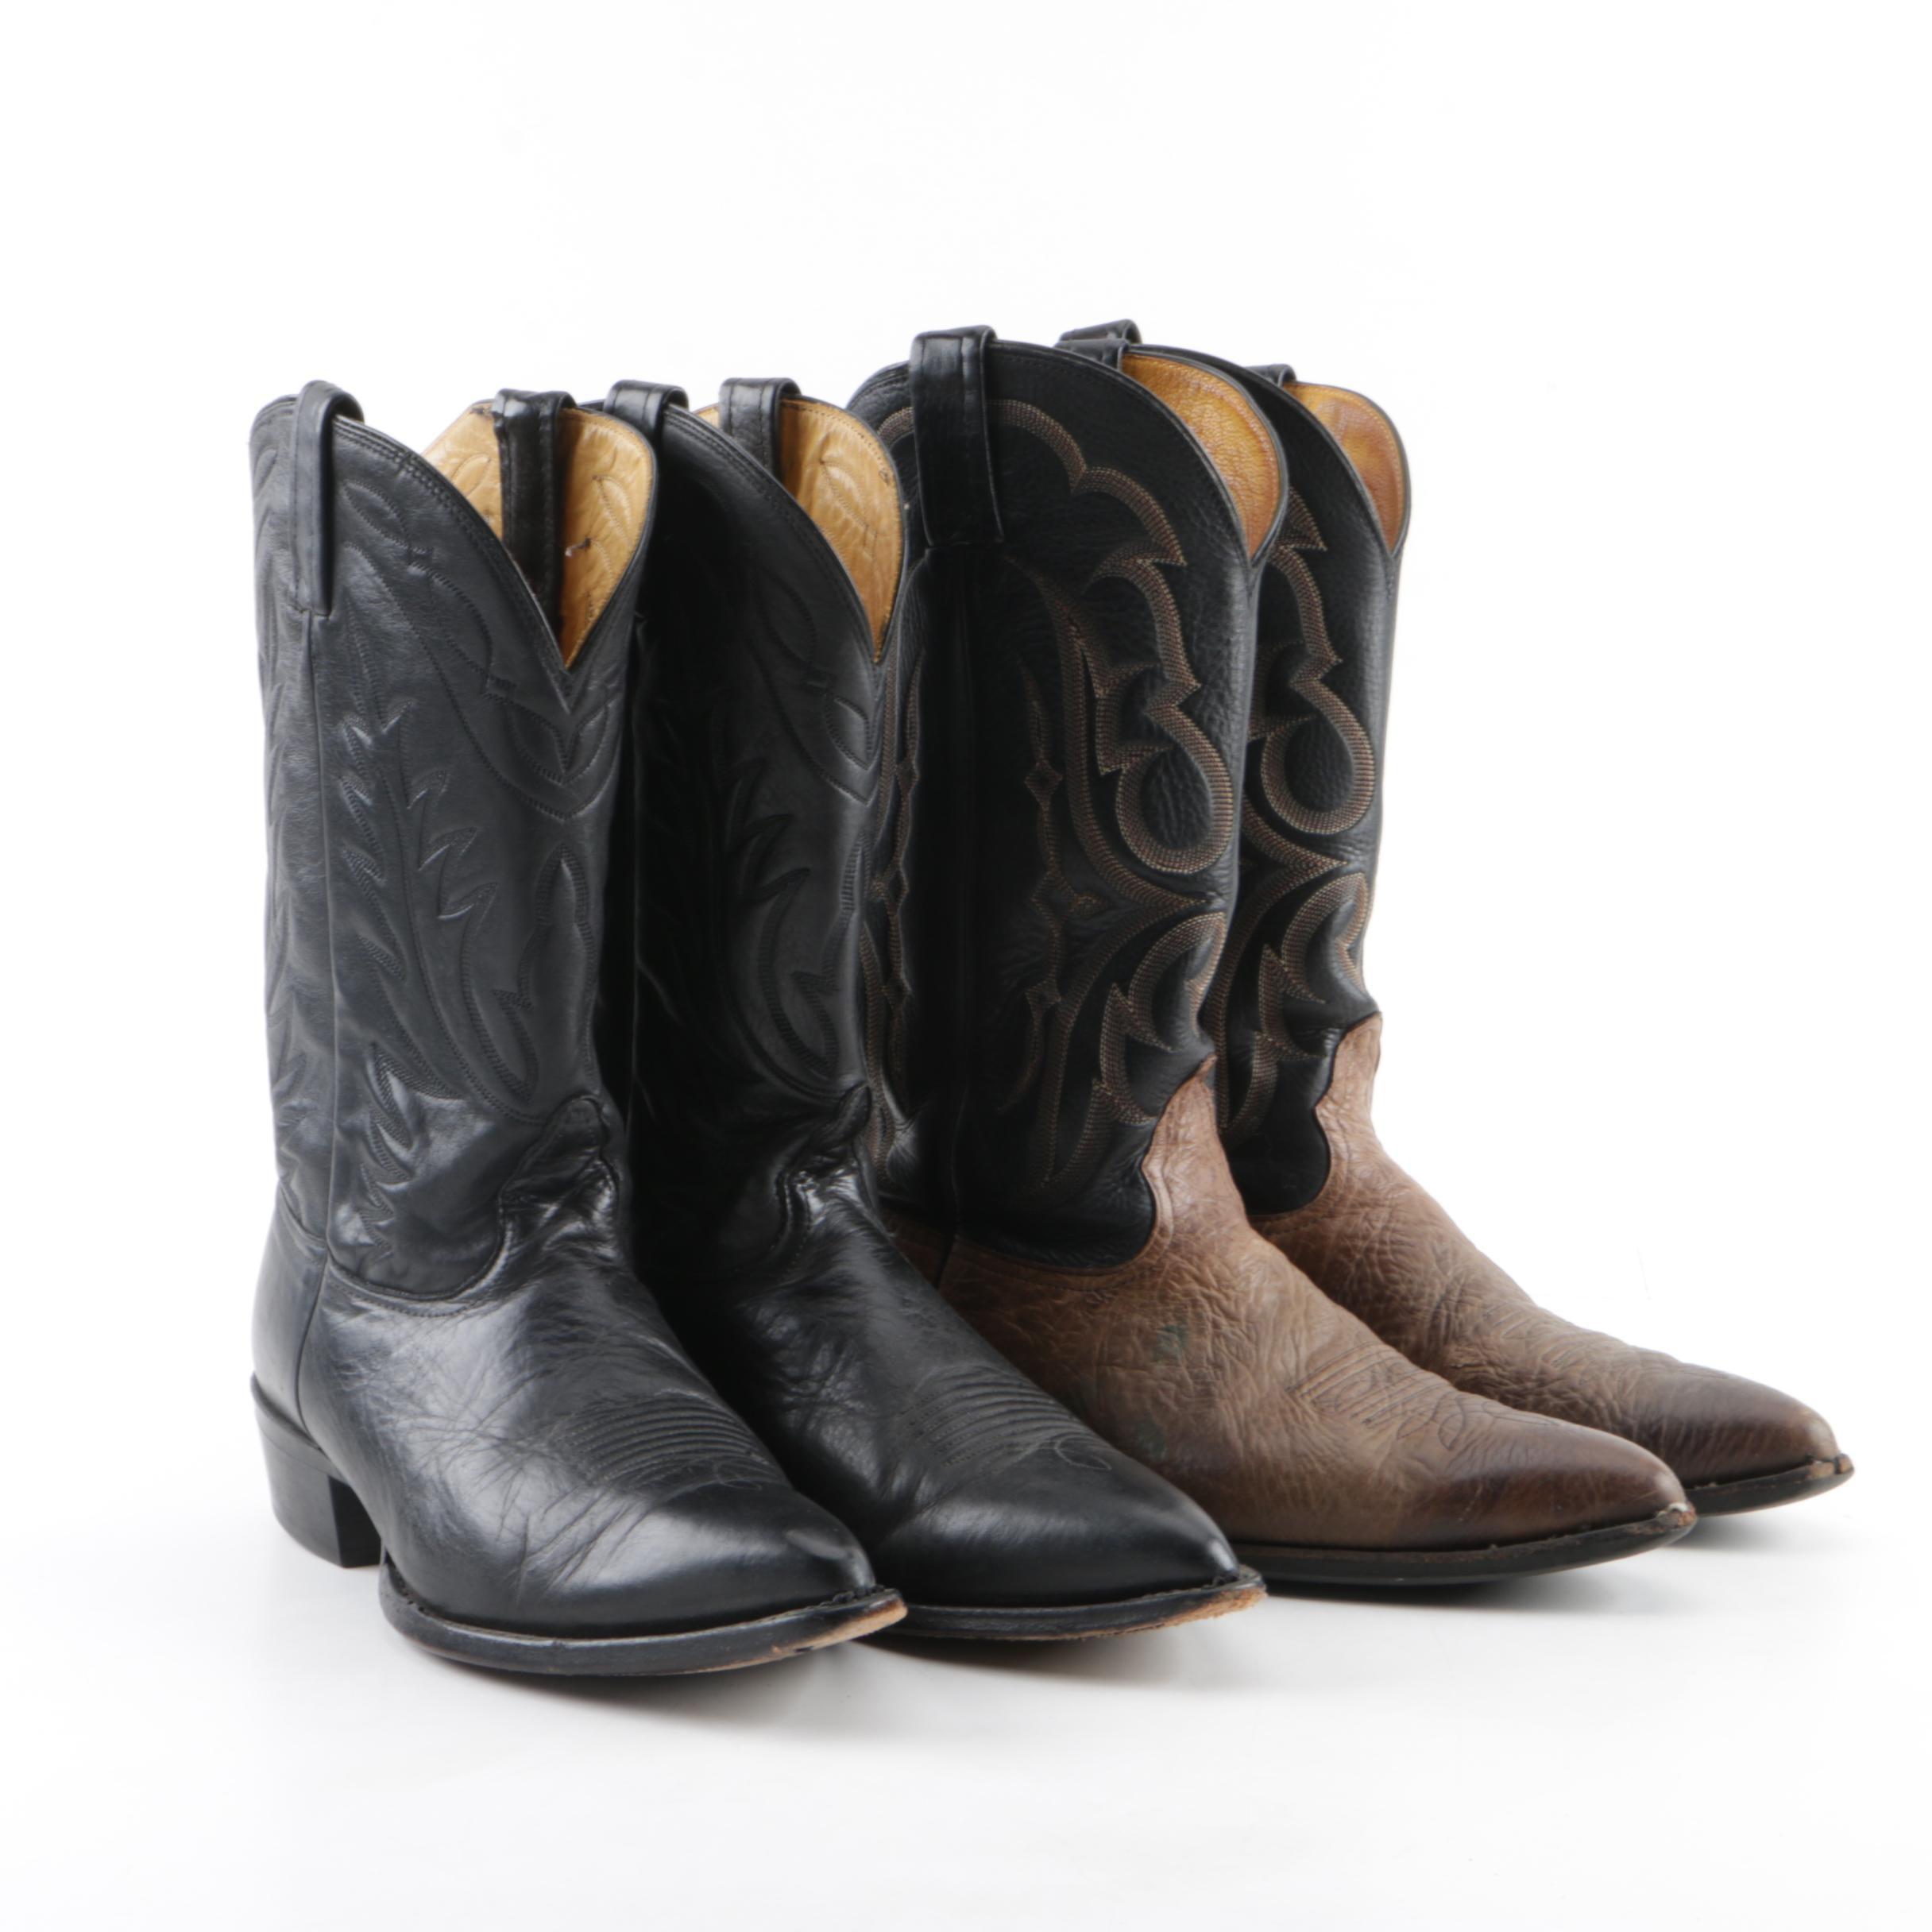 Men's Nocona Leather Cowboy Boots